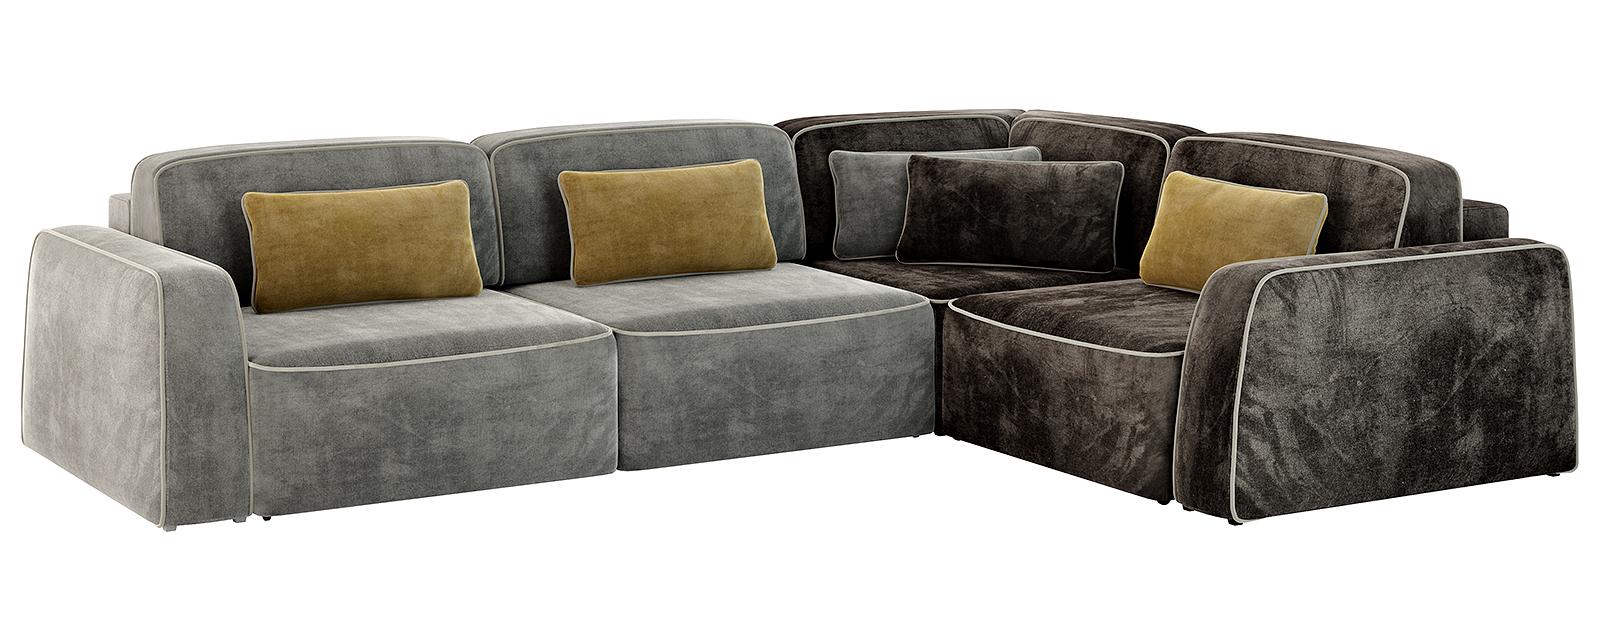 Модульный диван Портленд 350 см Velure серый/тёмно-коричневый (Велюр)